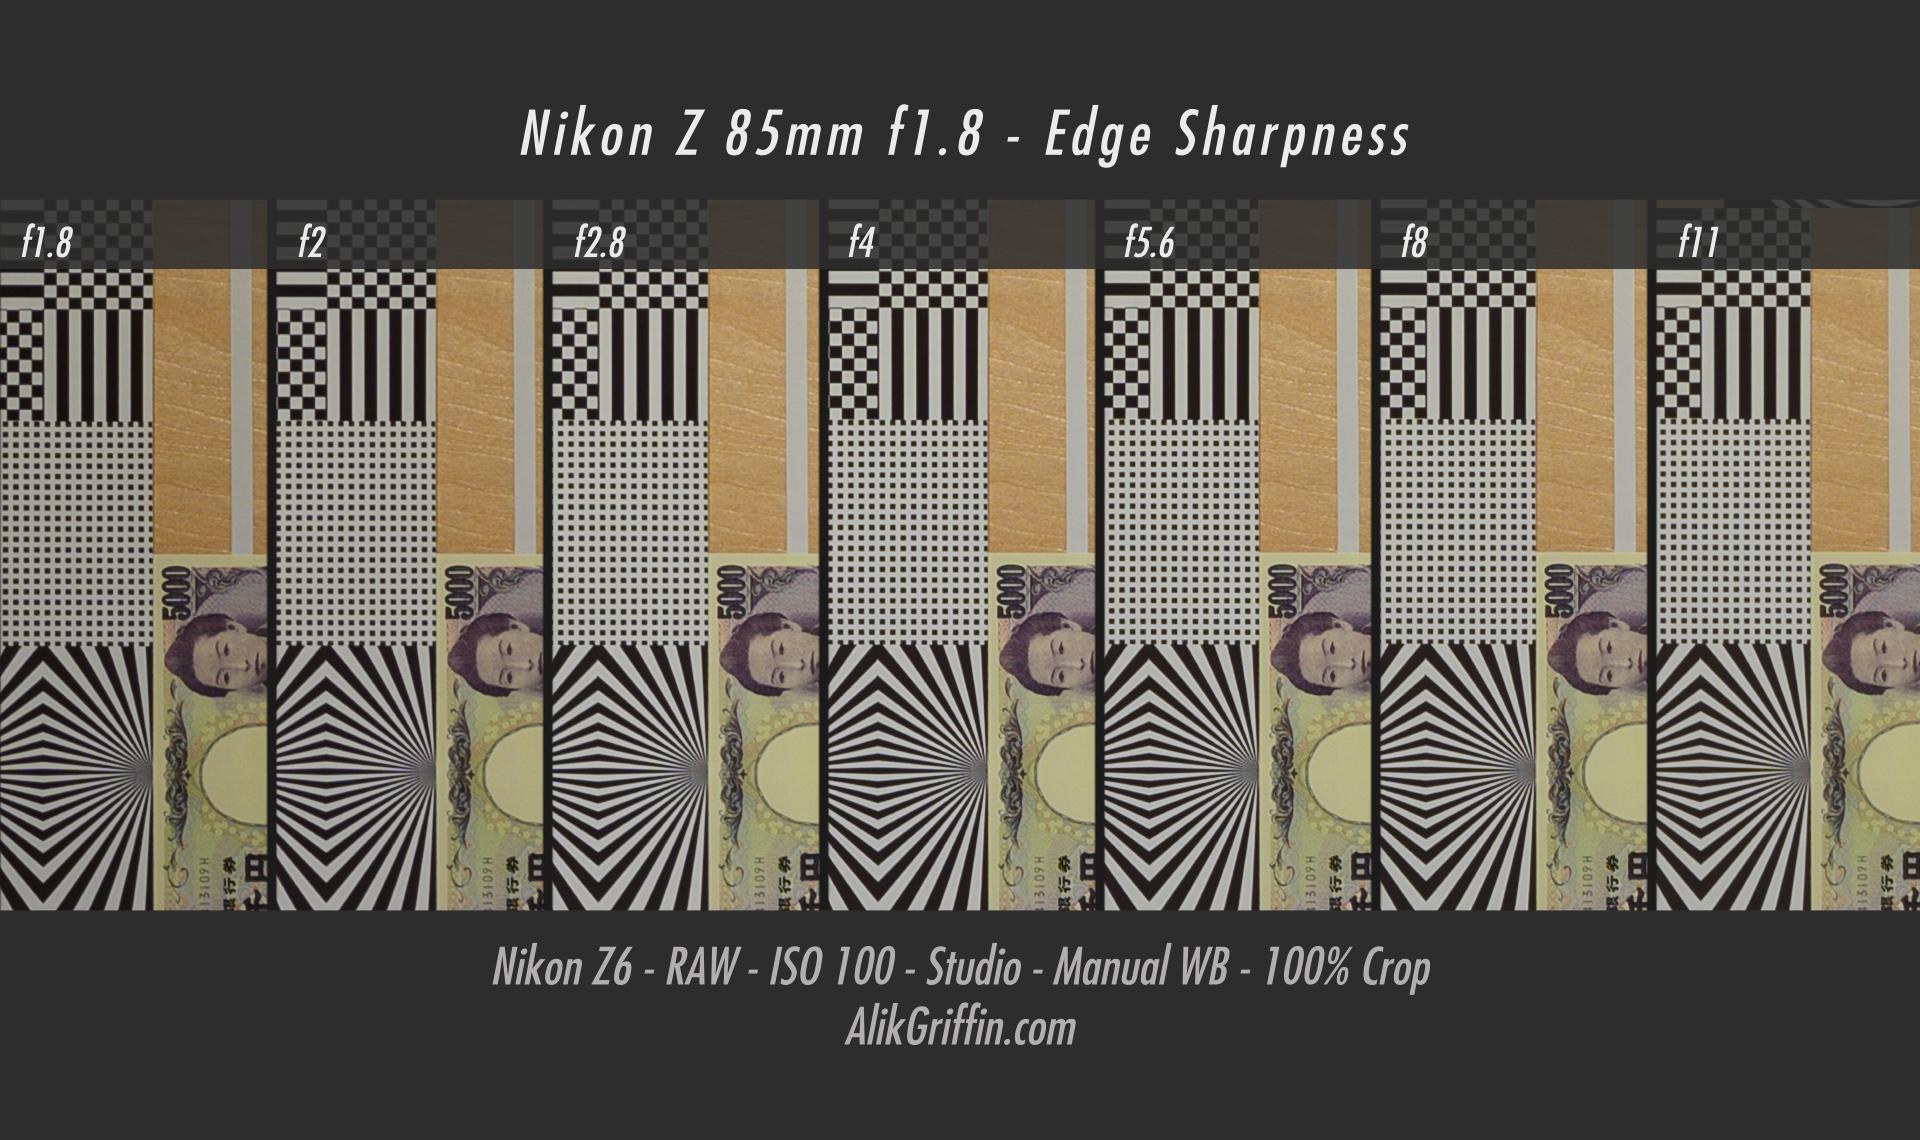 Nikon Z 85mm f1.8 S Edge Sharpness